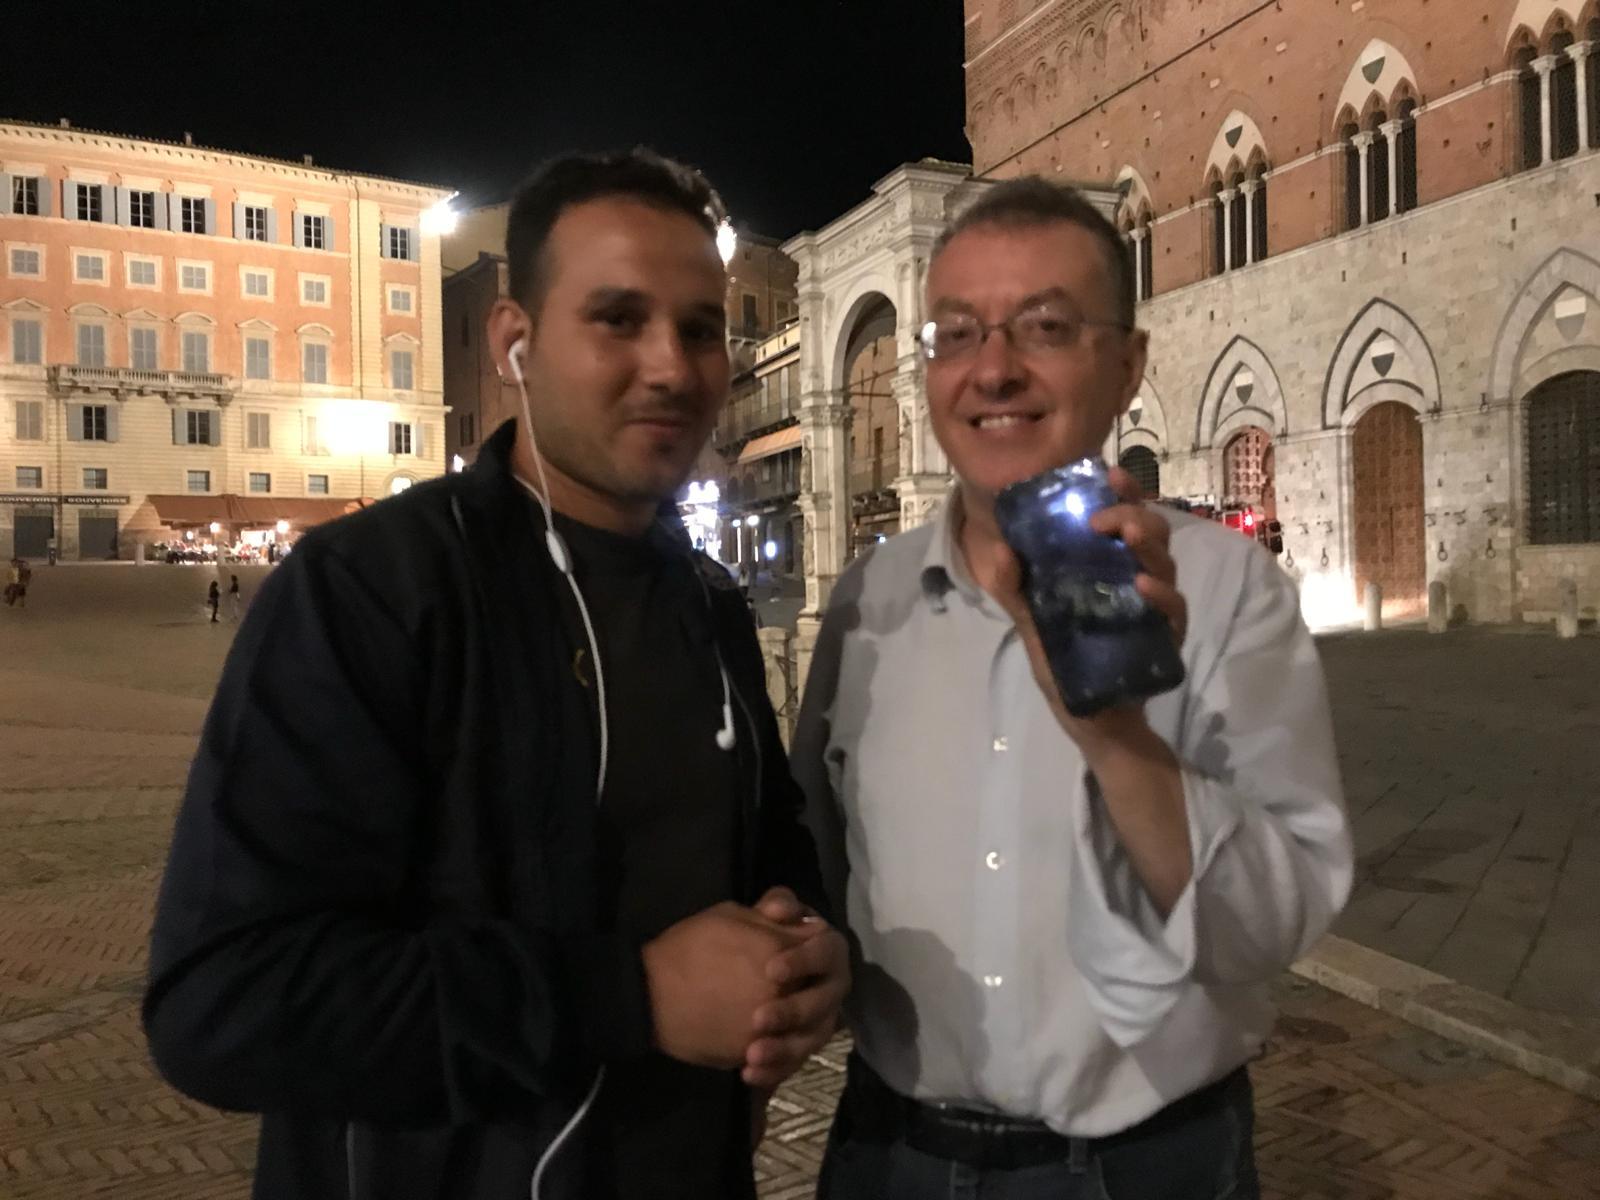 Abdelghani ritrova il telefono smarrito da Biliorsi e salva foto e ricordi del Palio vinto